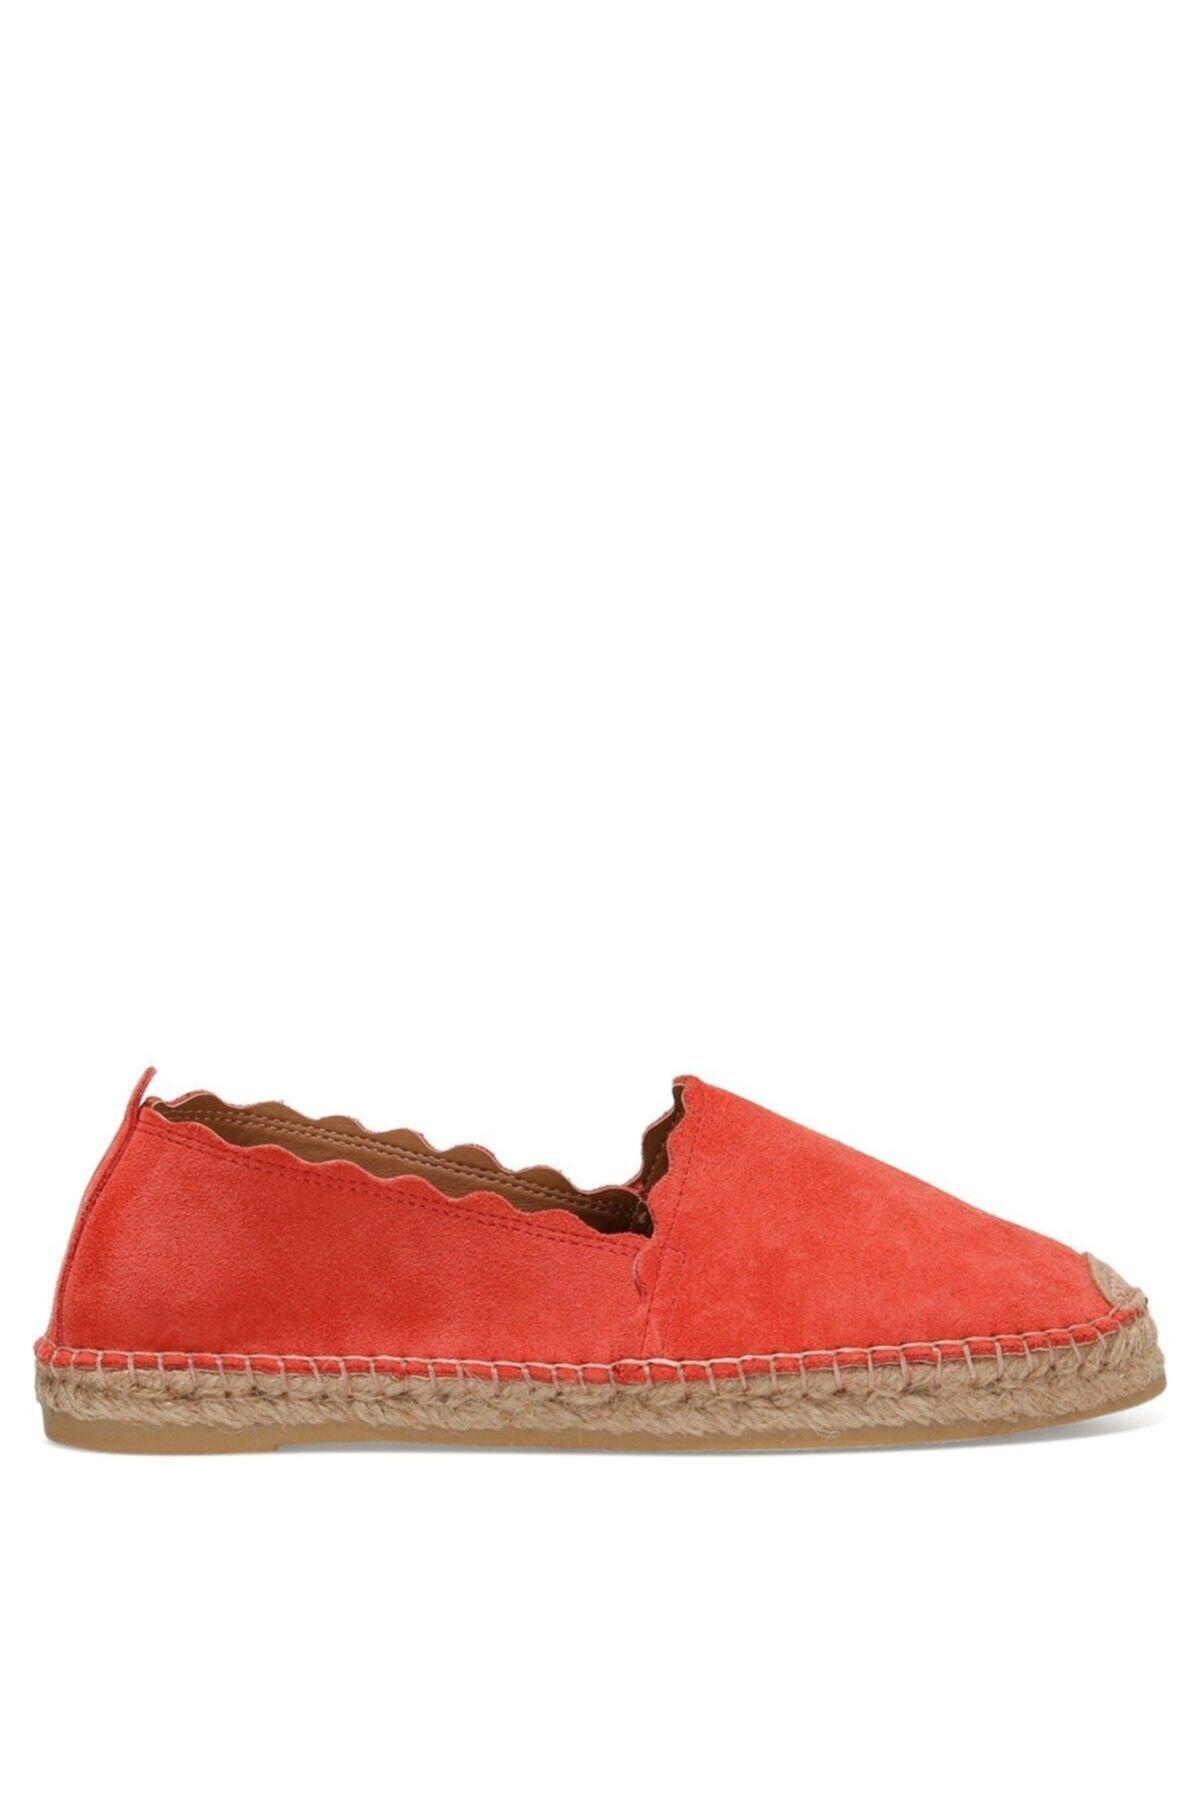 UNDERDAY 1FX Kırmızı Kadın Espadril Ayakkabı 101028215